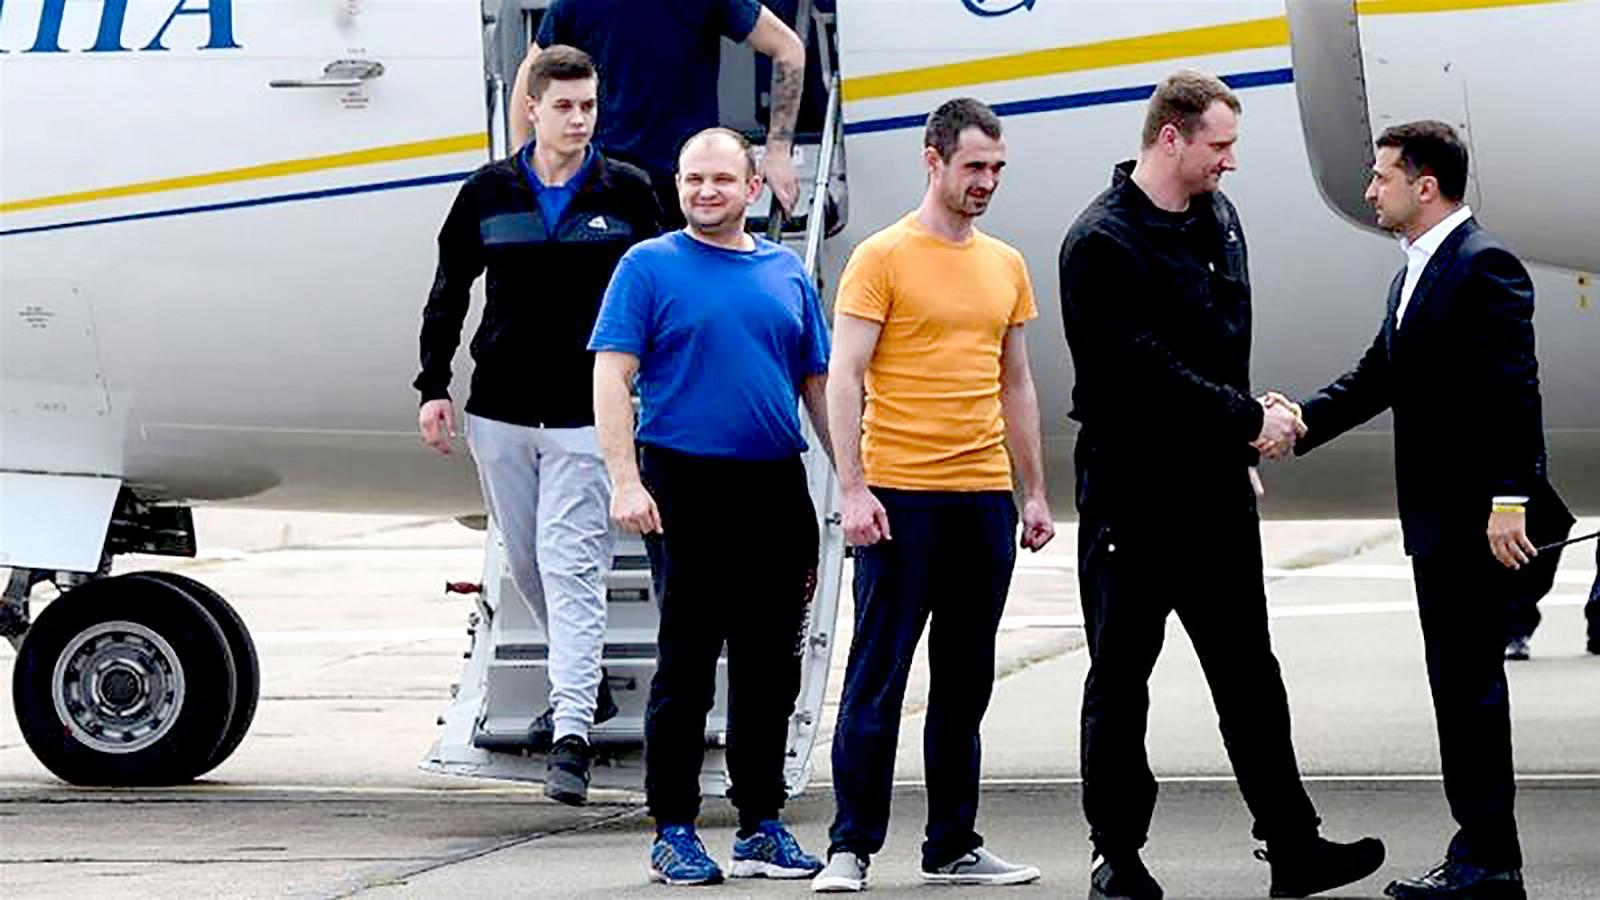 Tổng thống Zelensky (phải) chào đón những người Ukraine được trả tự do khi họ hạ cánh xuống sân bay thủ đô Kiev. Ảnh: AFP